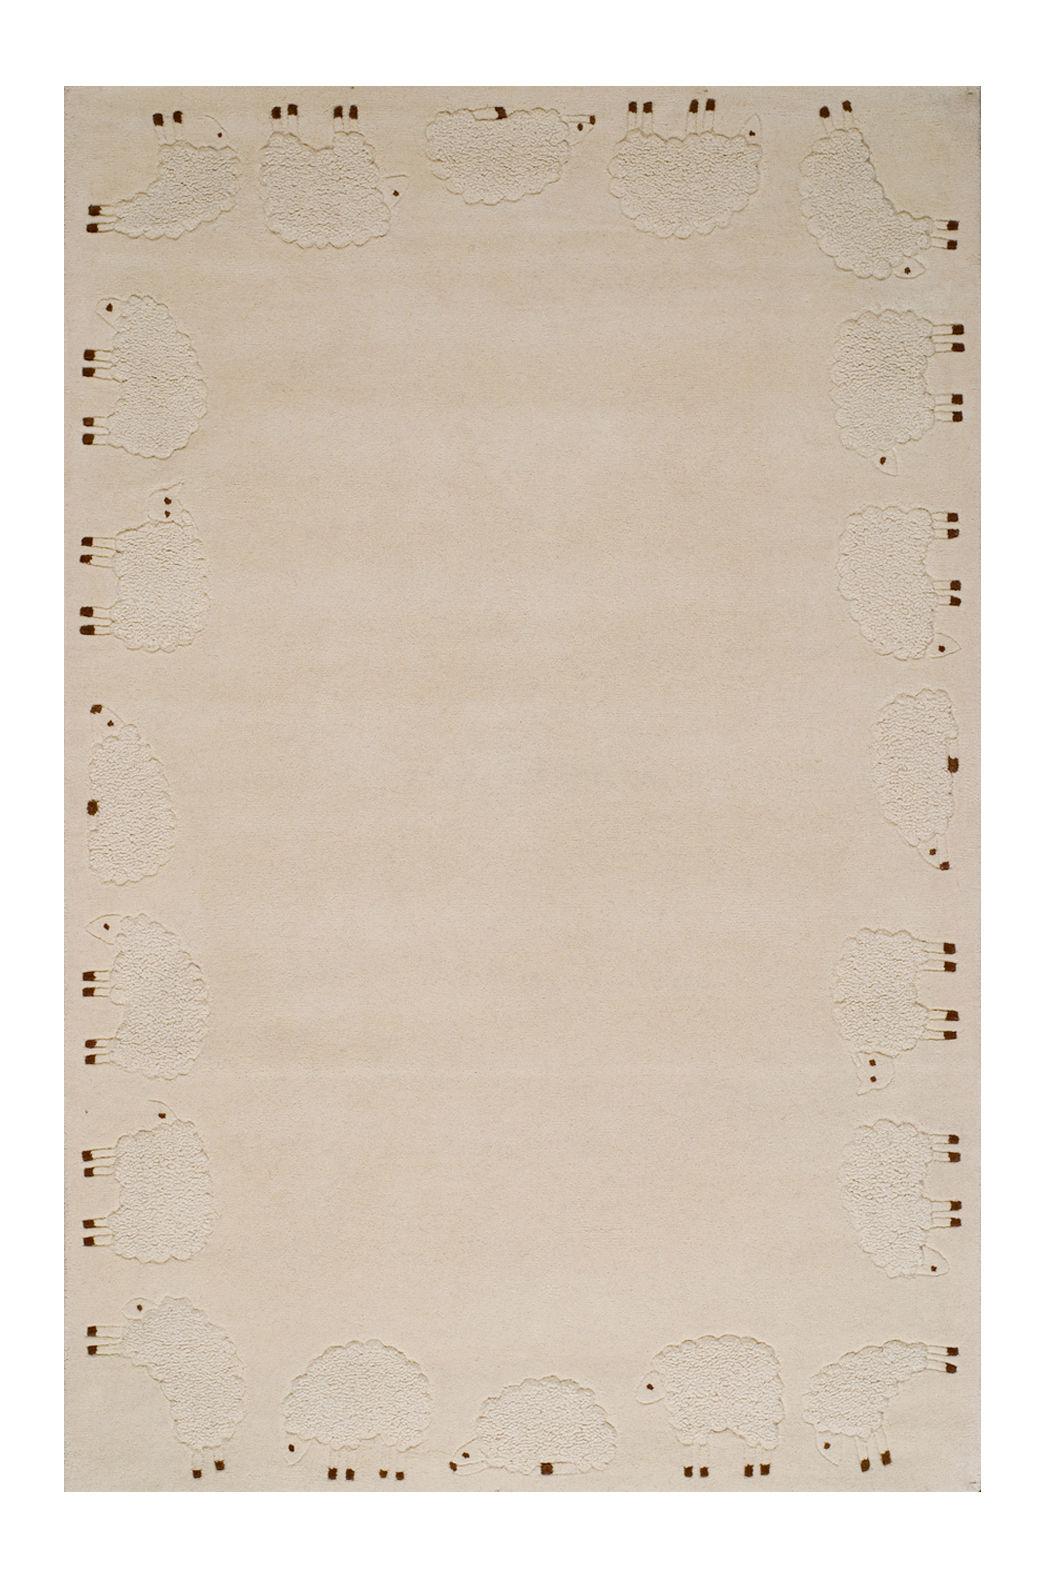 Déco - Pour les enfants - Tapis Cabriole / 110 x 170 cm - Toulemonde Bochart - Ecru / Motifs moutons - Coton